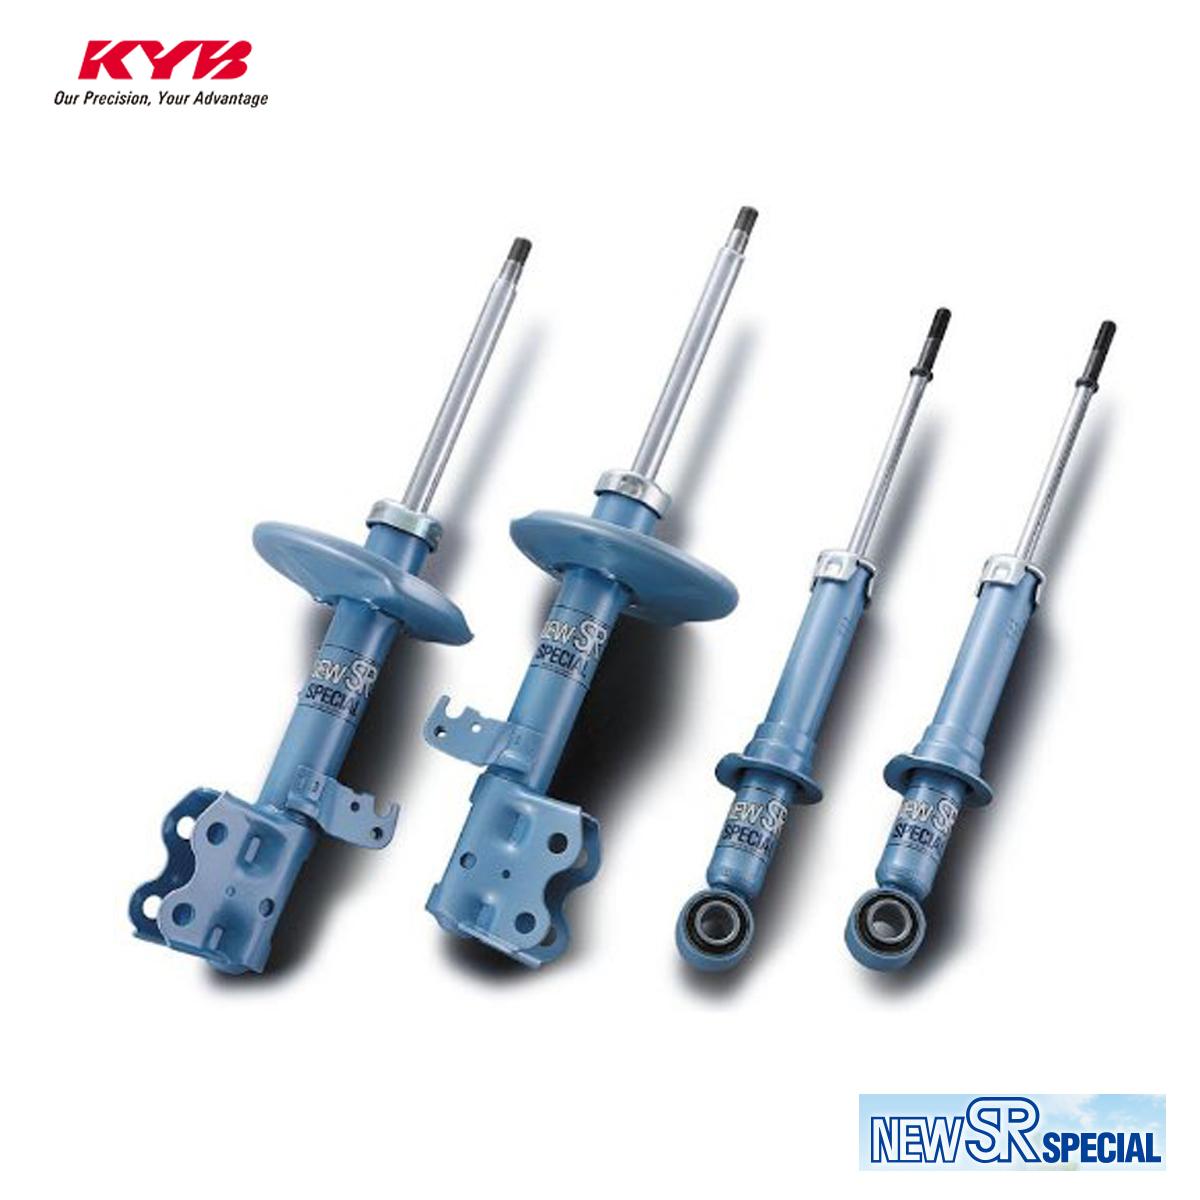 KYB カヤバ ミニカ H32V ショックアブソーバー フロント左用 1本 NEW SR SPECIAL NST5333L 配送先条件有り